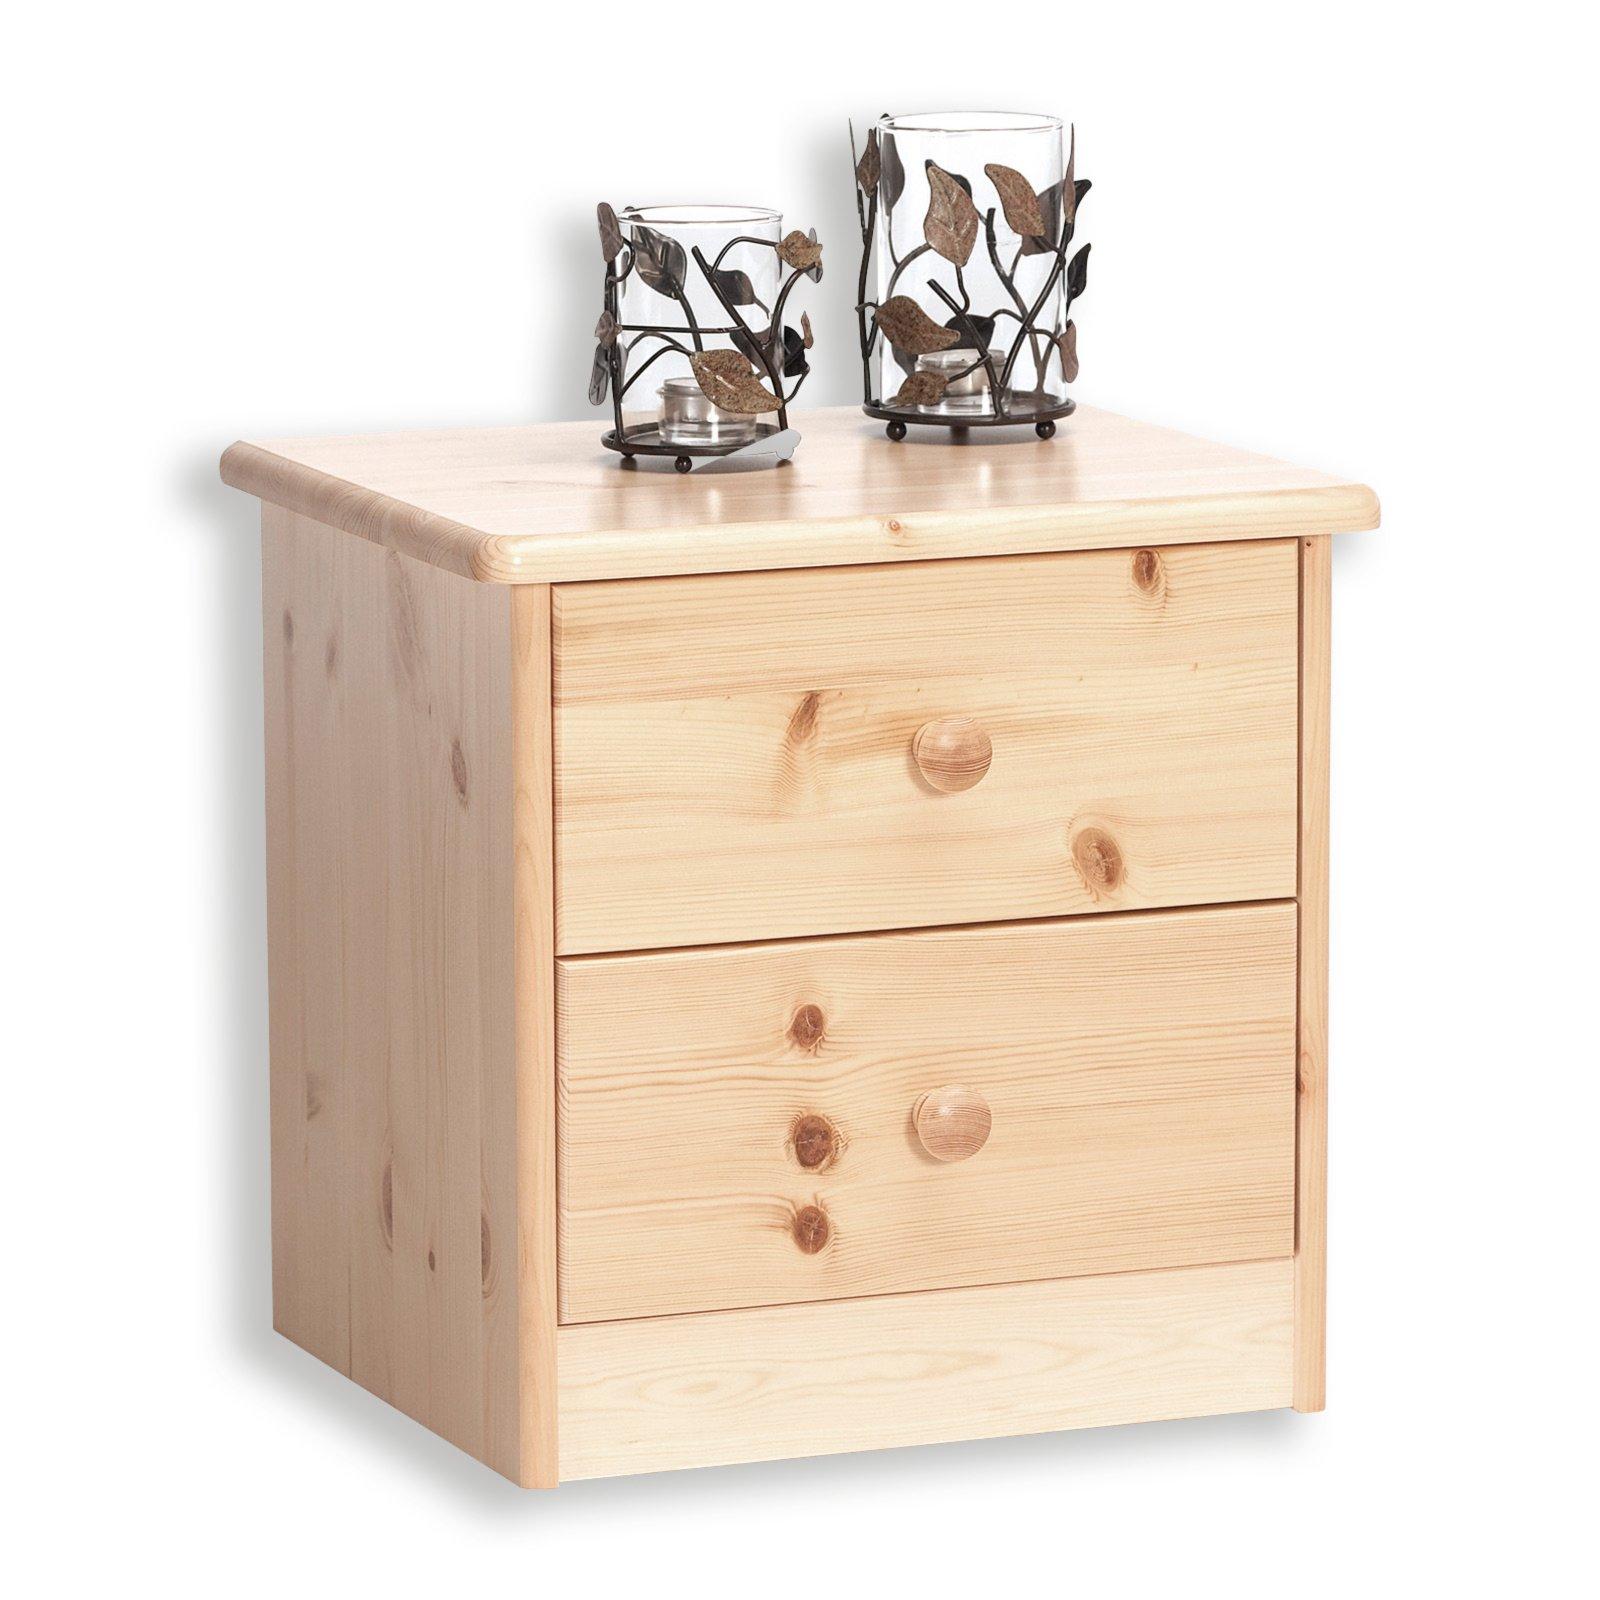 nachttisch mario kiefer massiv natur 41 cm nachttische m bel m belhaus roller. Black Bedroom Furniture Sets. Home Design Ideas